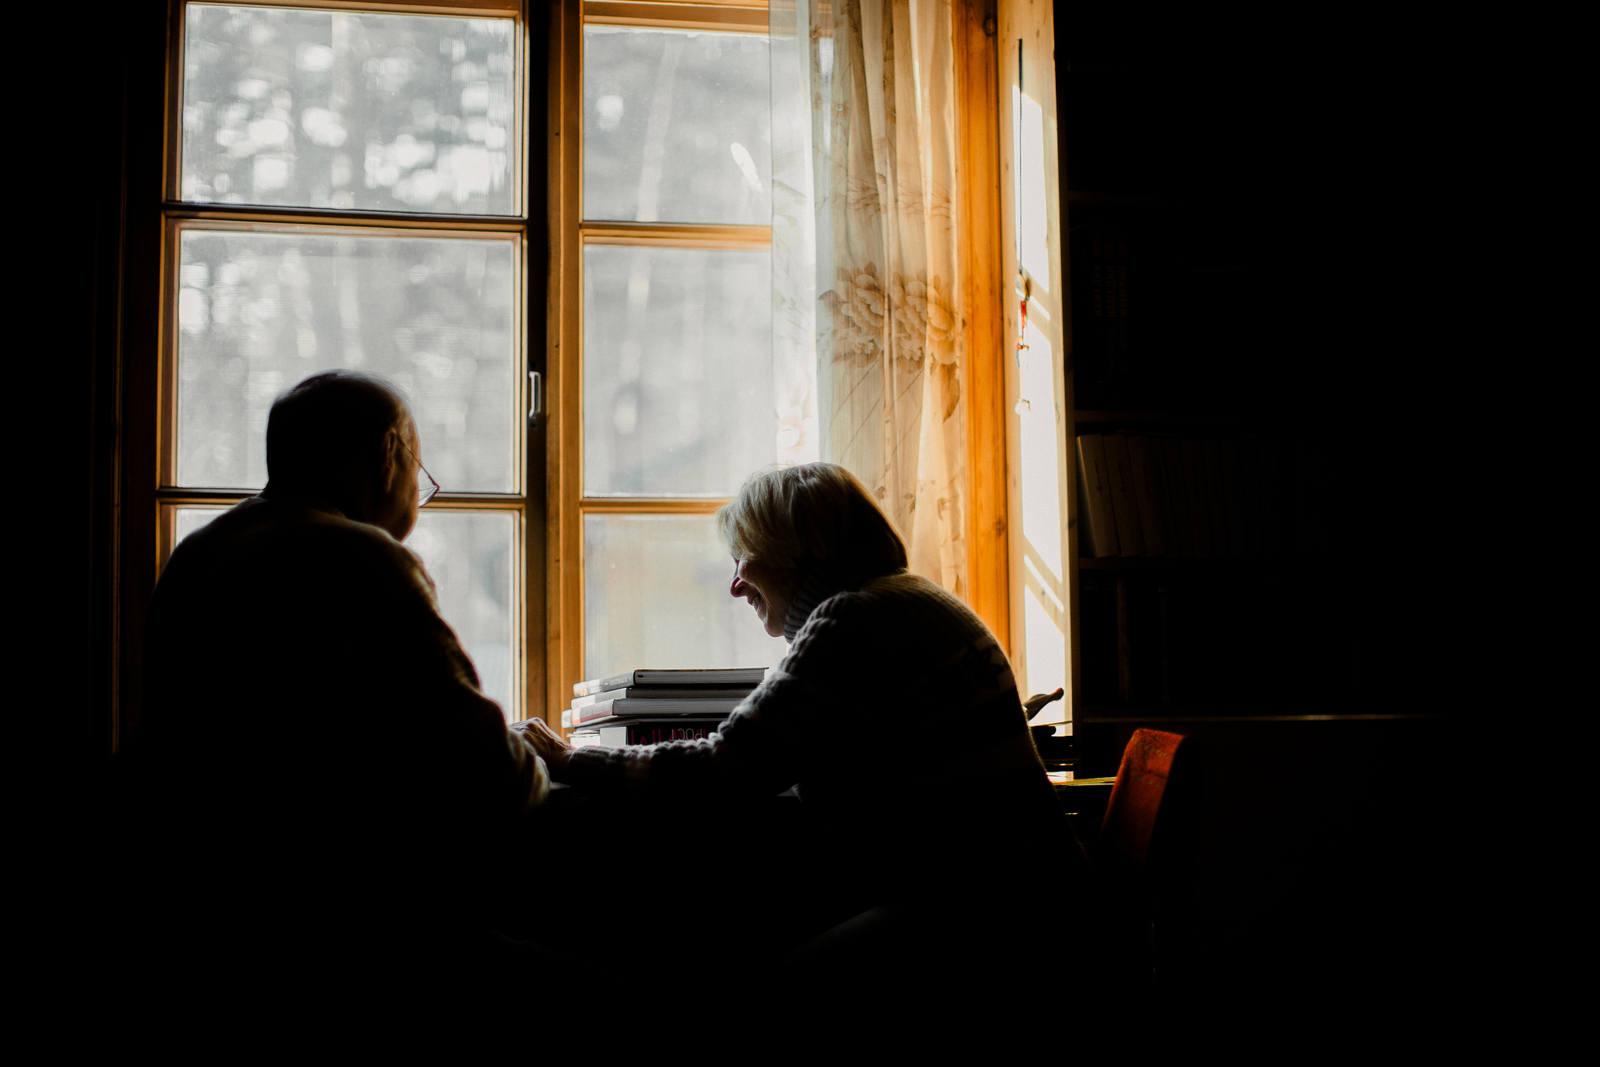 Про Дом: love-story в честь 55-летия совместной жизни